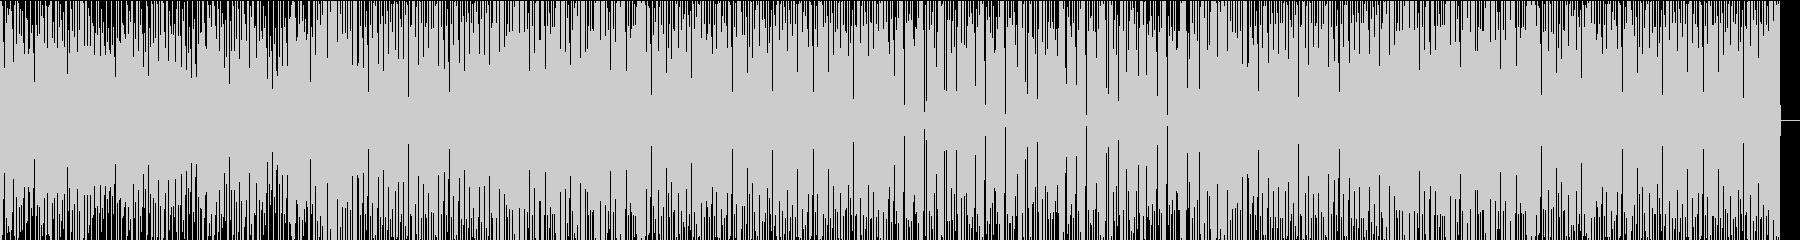 無機質でクール、メタリックなテクノの未再生の波形